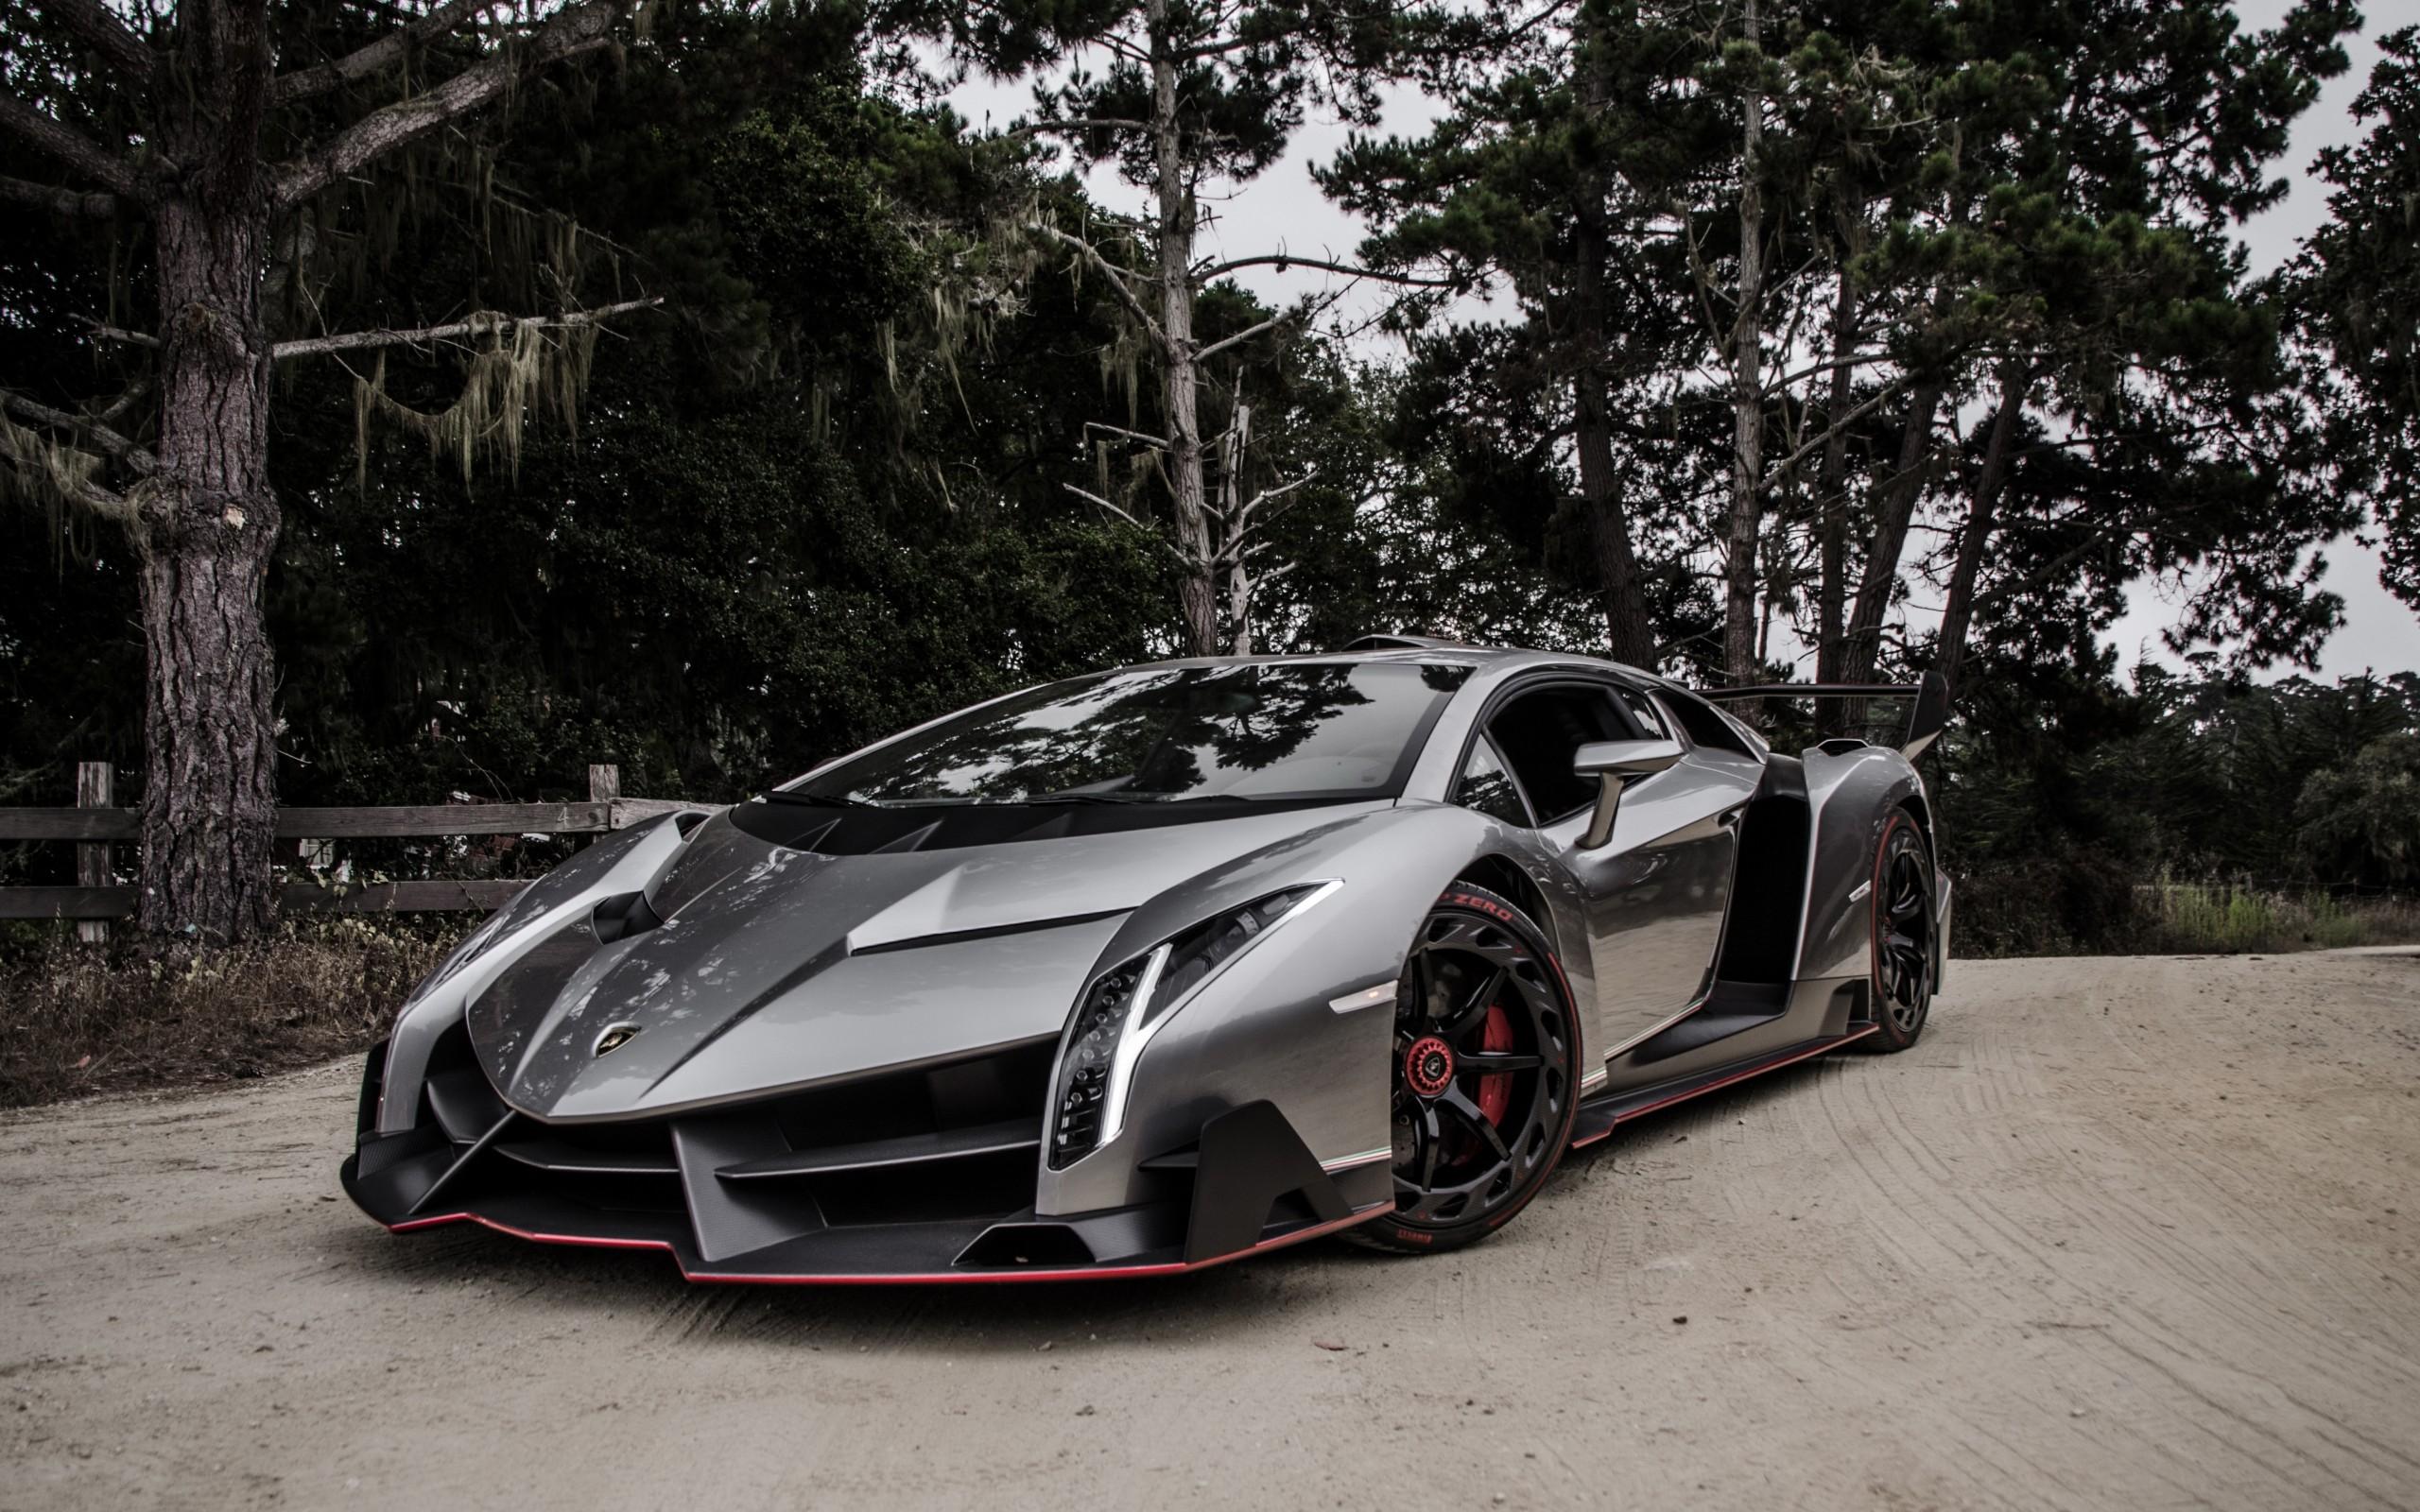 Фотографии крутых машин на обои